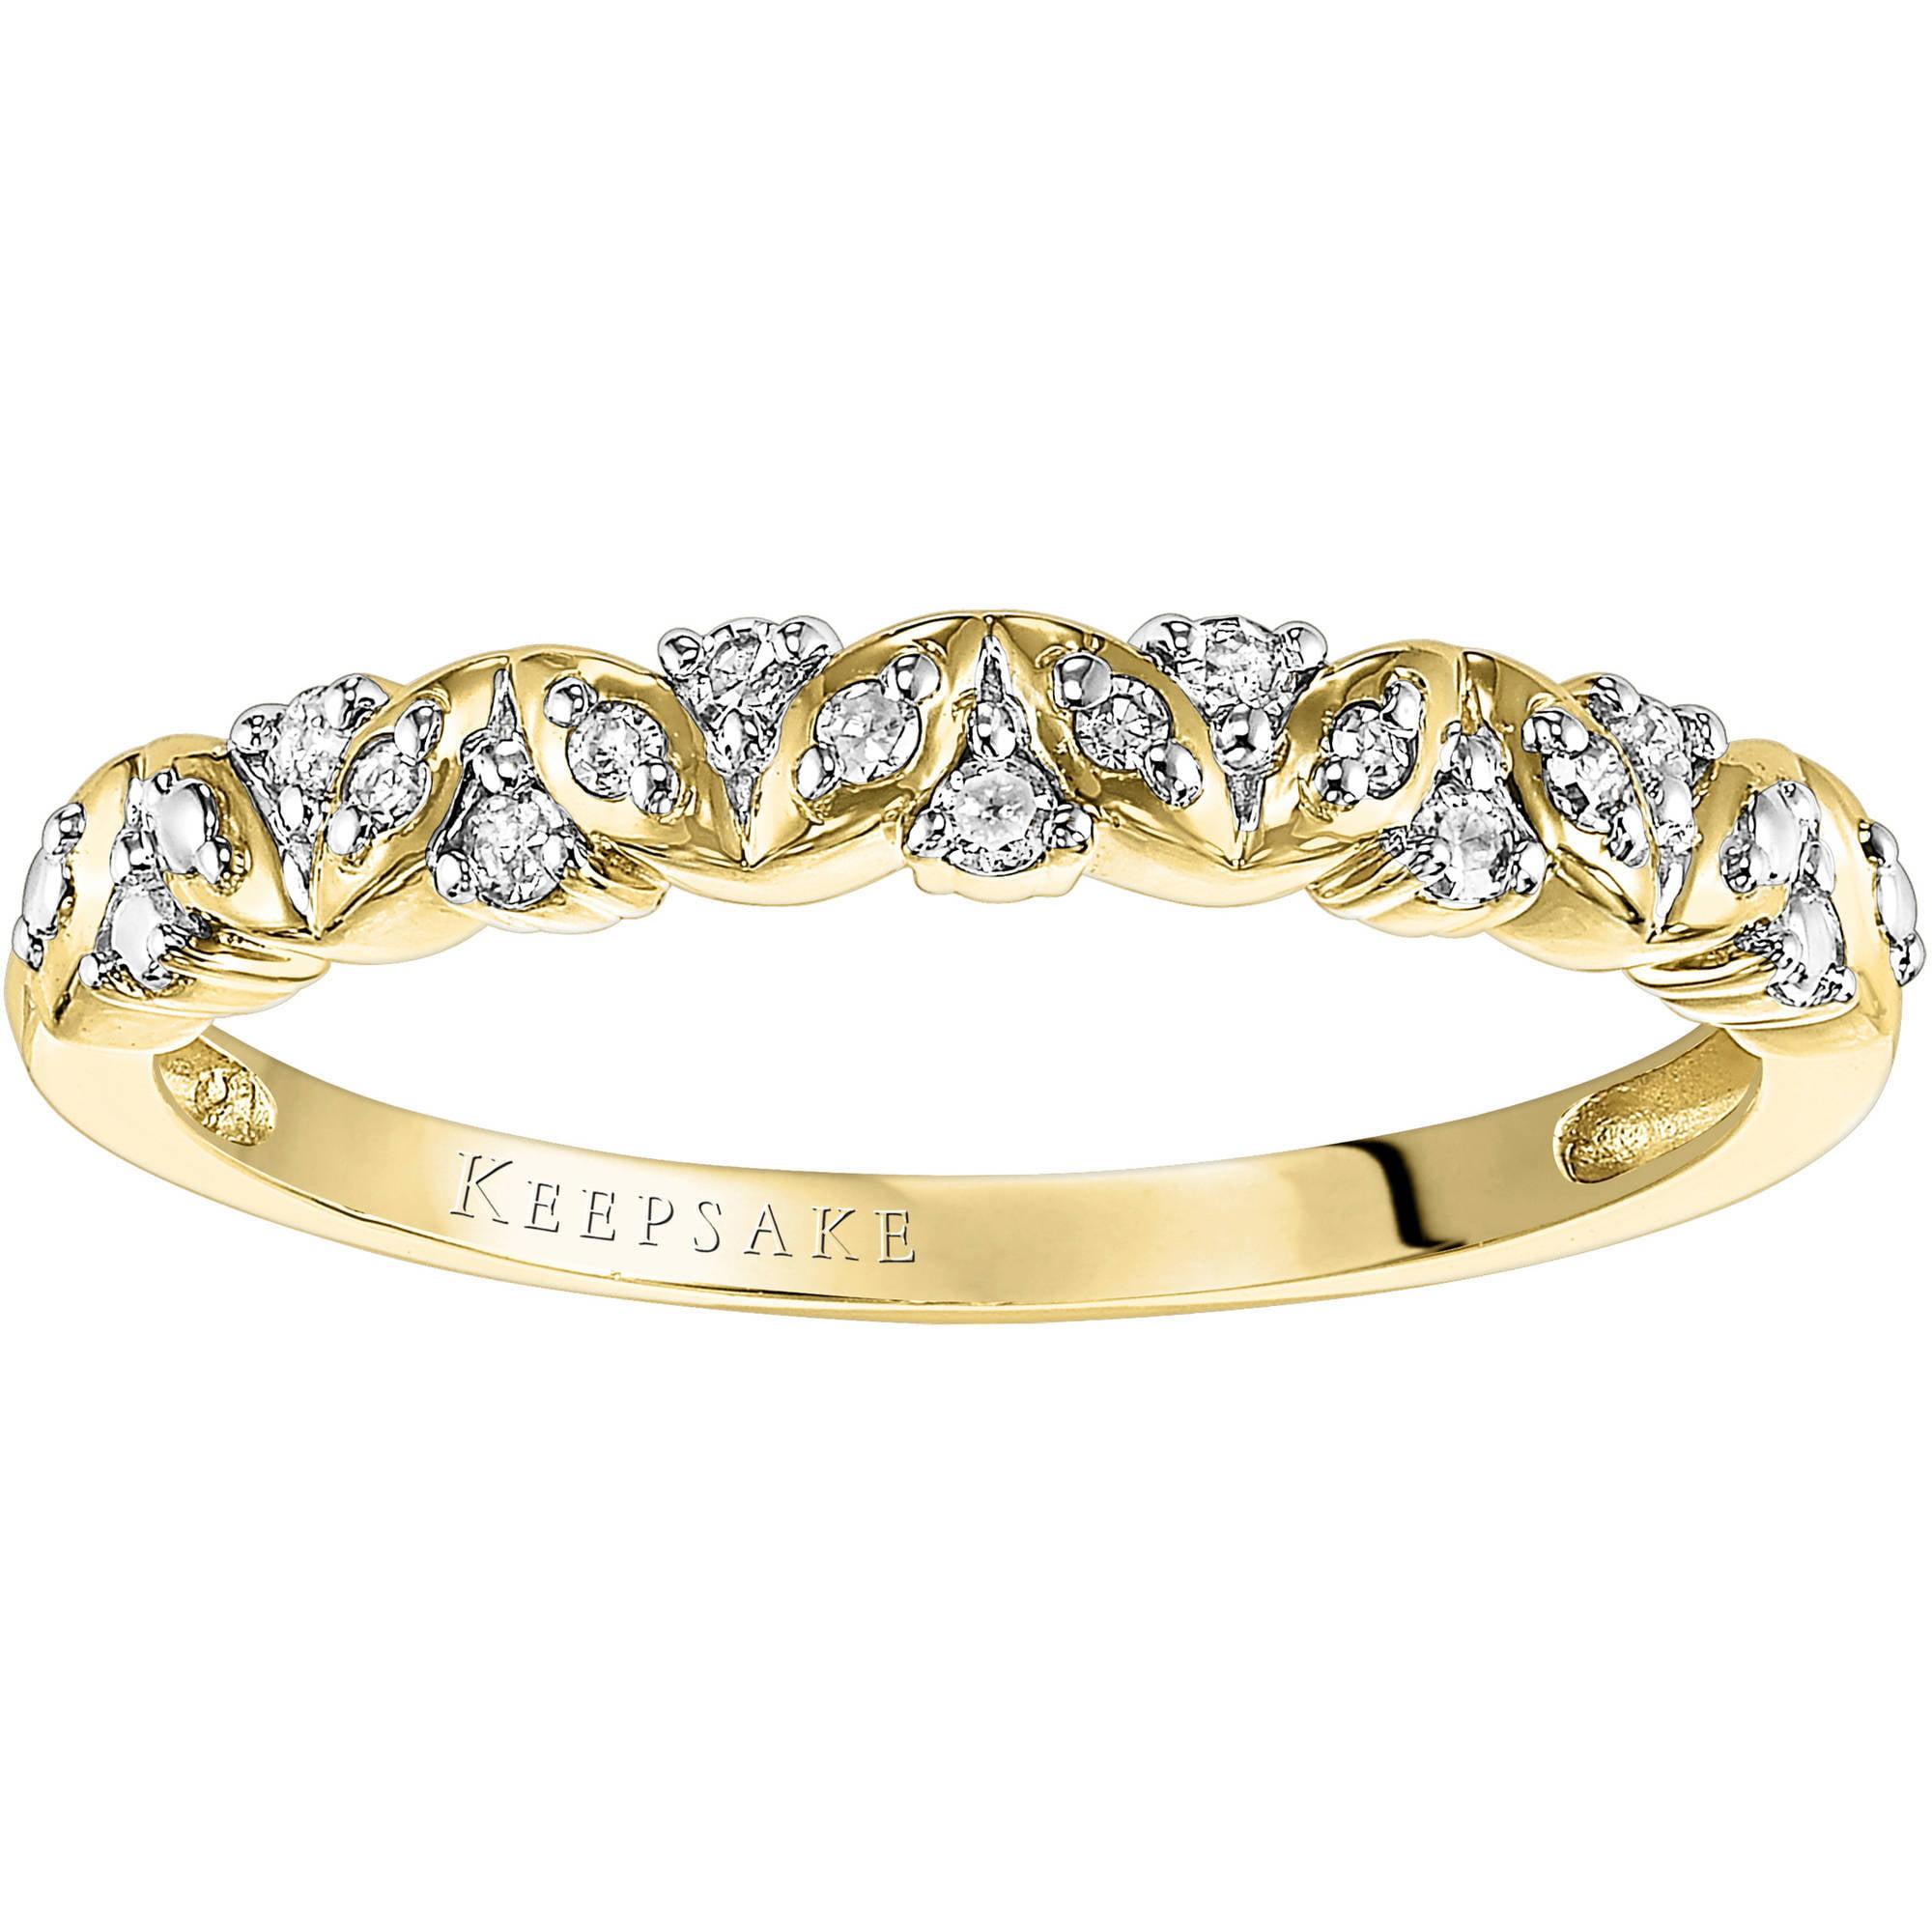 Keepsake Sweet Remembrance 1/10 Carat T.W. Diamond 10kt Yellow Gold Anniversary Band